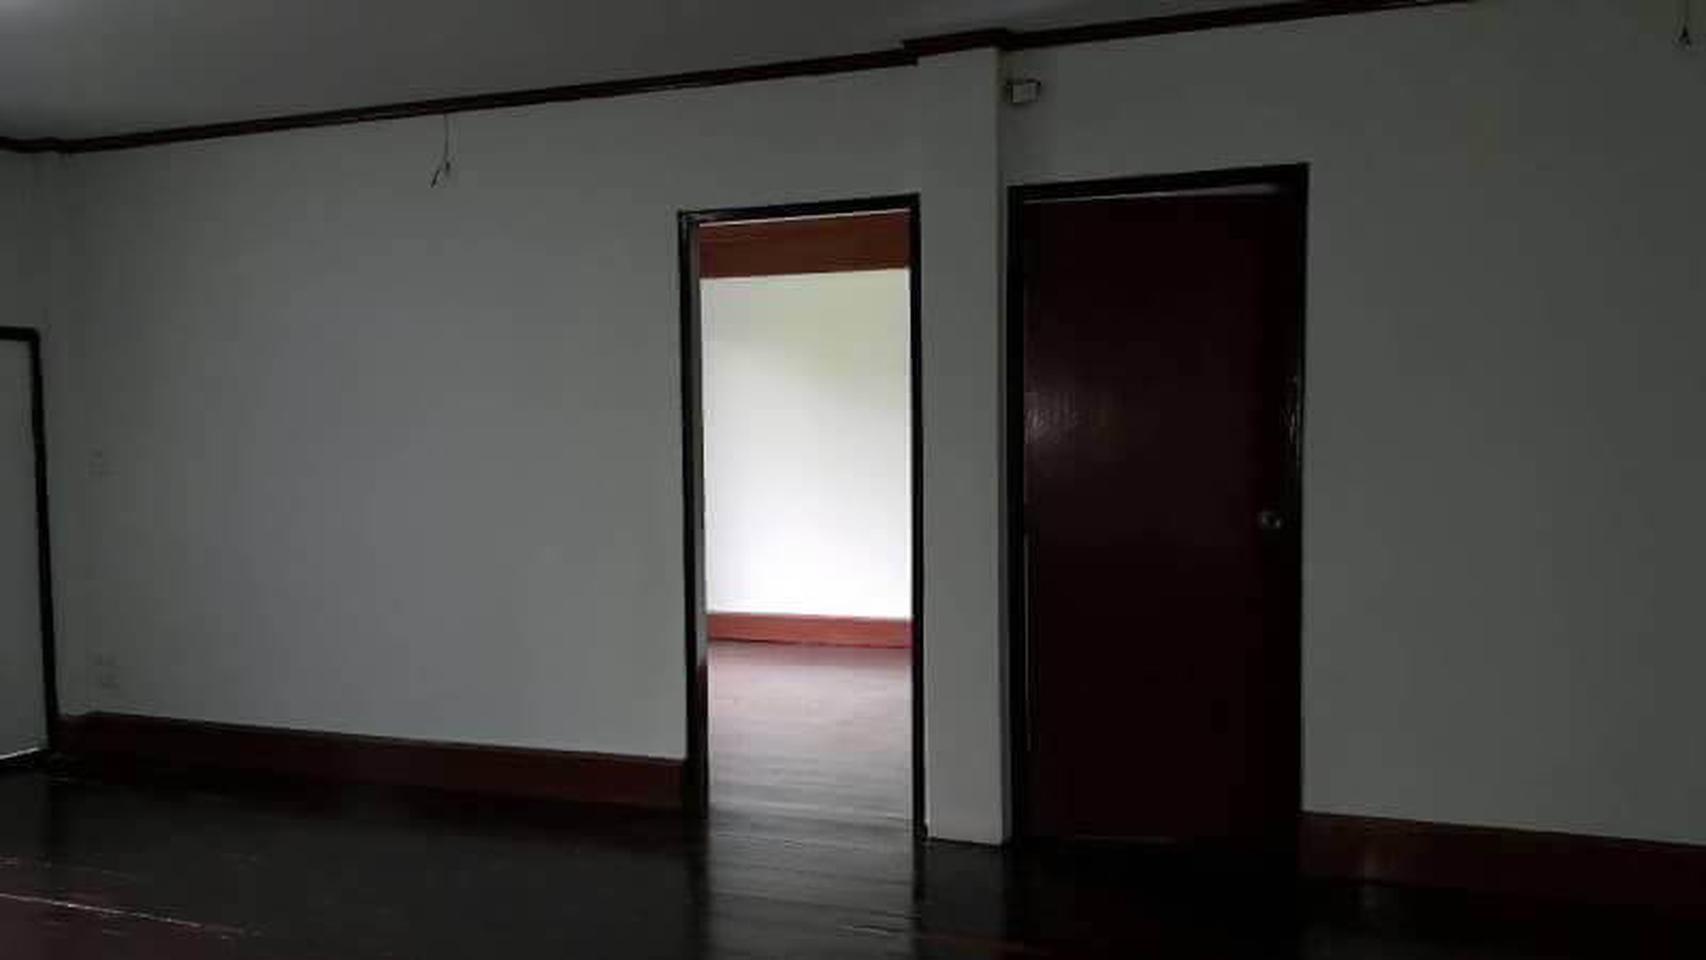 ขายอาคารพาณิชย์ 3 ห้อง เนื้อที่ 62 ตรว รูปที่ 1